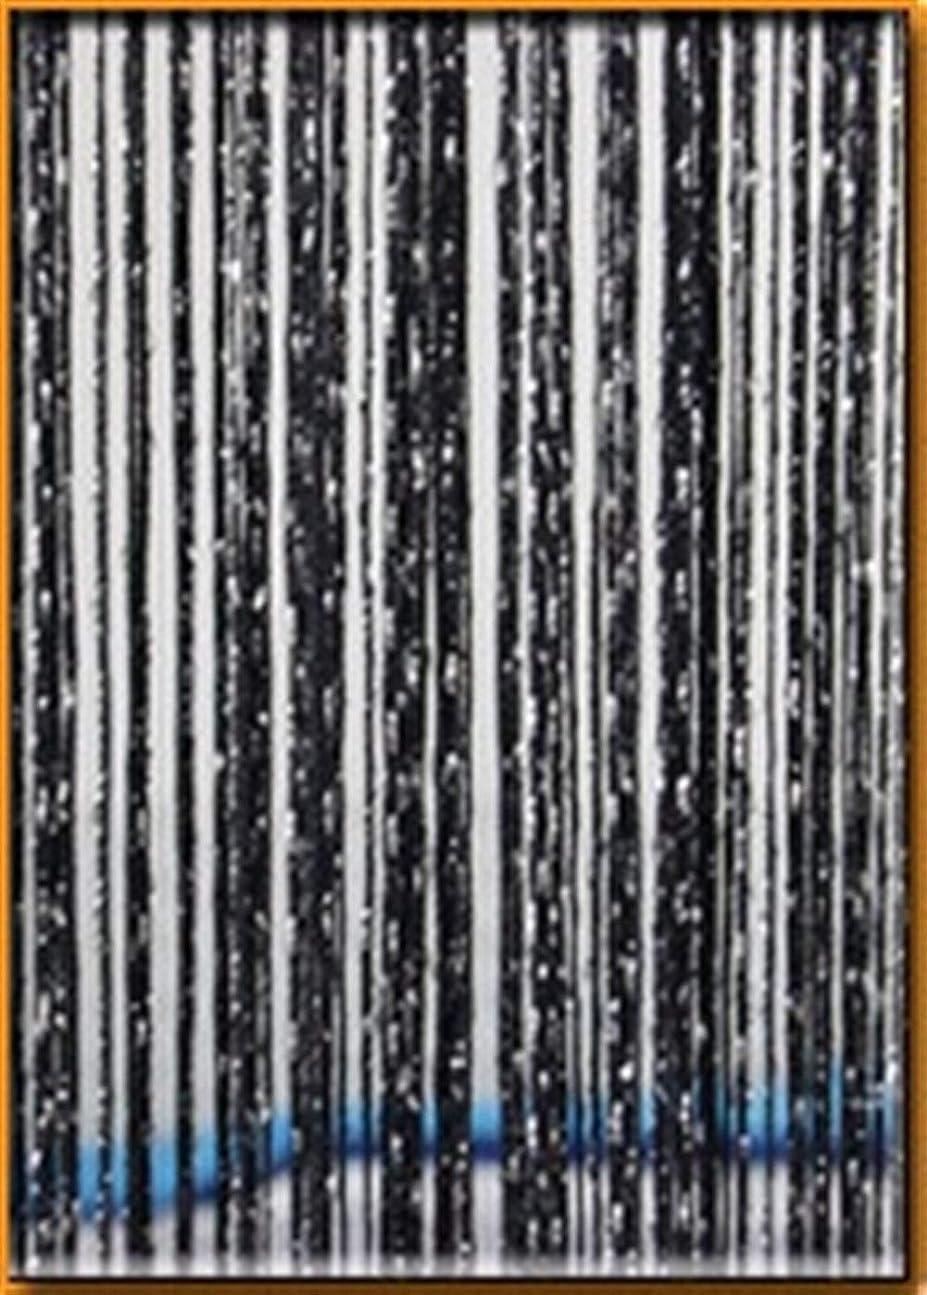 に応じてかなりのマナーShiyanghang リビングルームウェディングDIYホームデコレーション用の光沢のあるタッセルストリングカーテン (Color : ブラック, サイズ : 200x260cm)